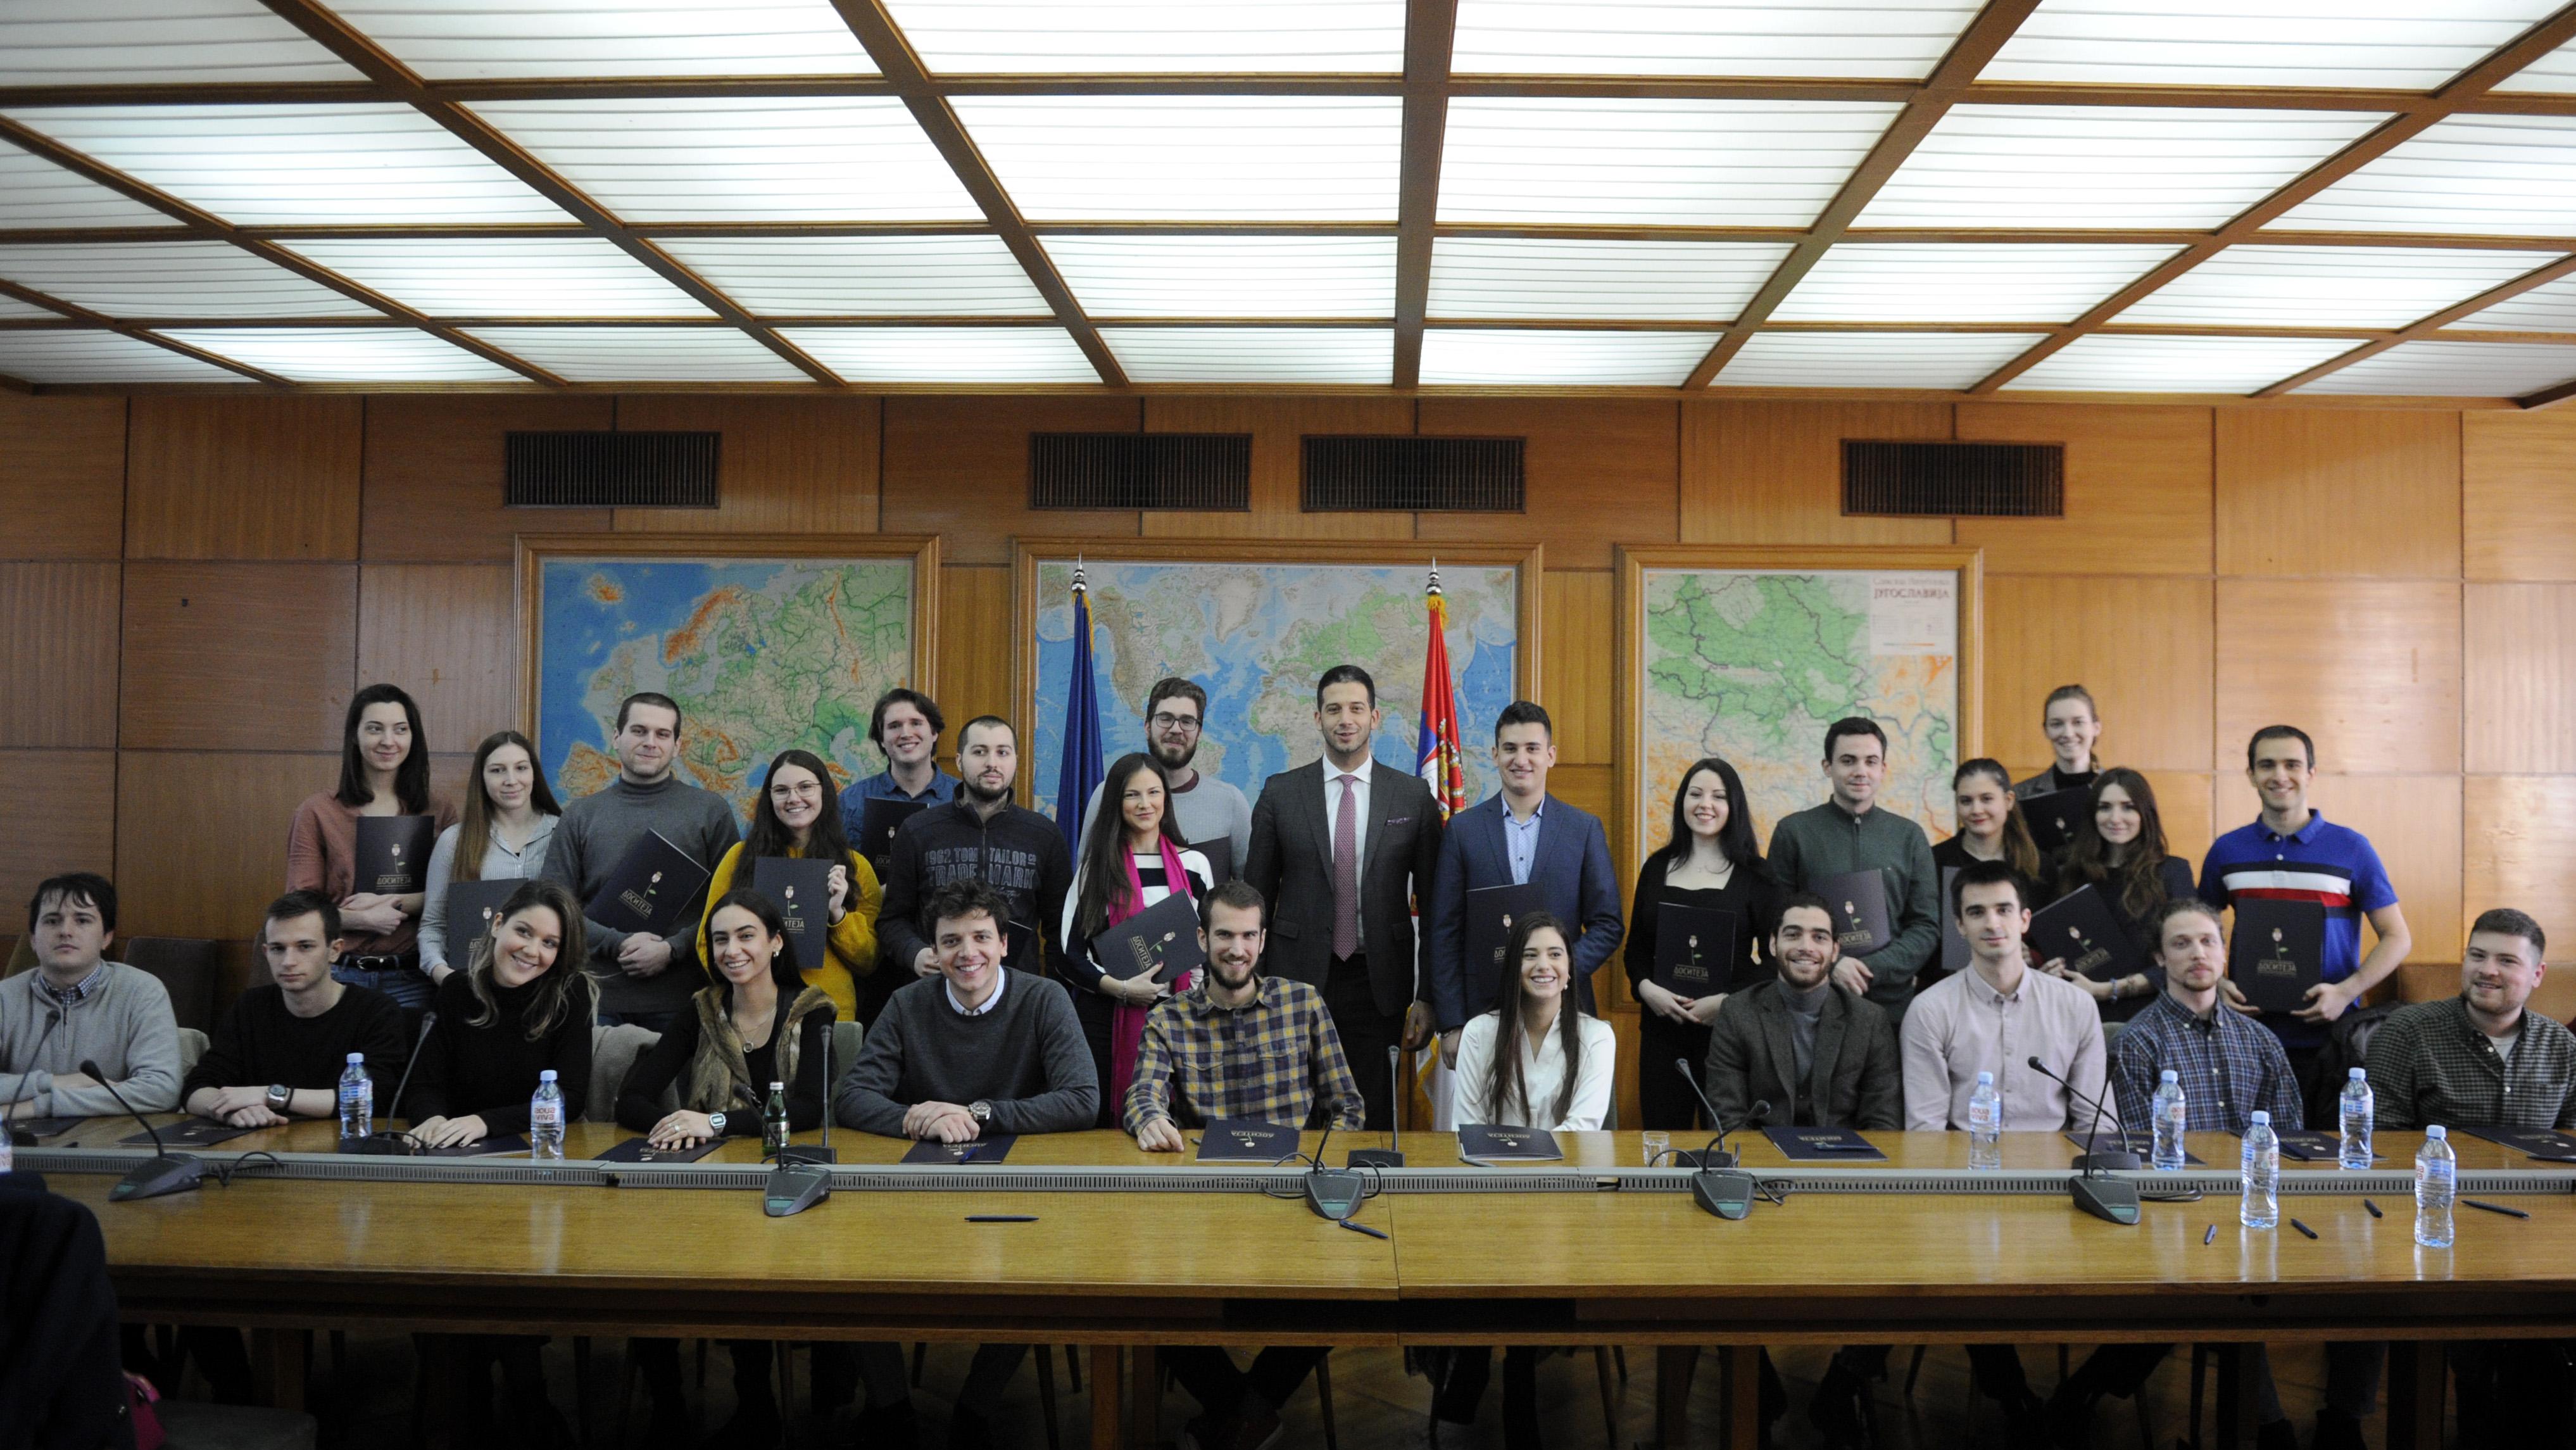 Удовичић: Стипендије за најбоље су подршка и системска брига о младима, за будућност Србије